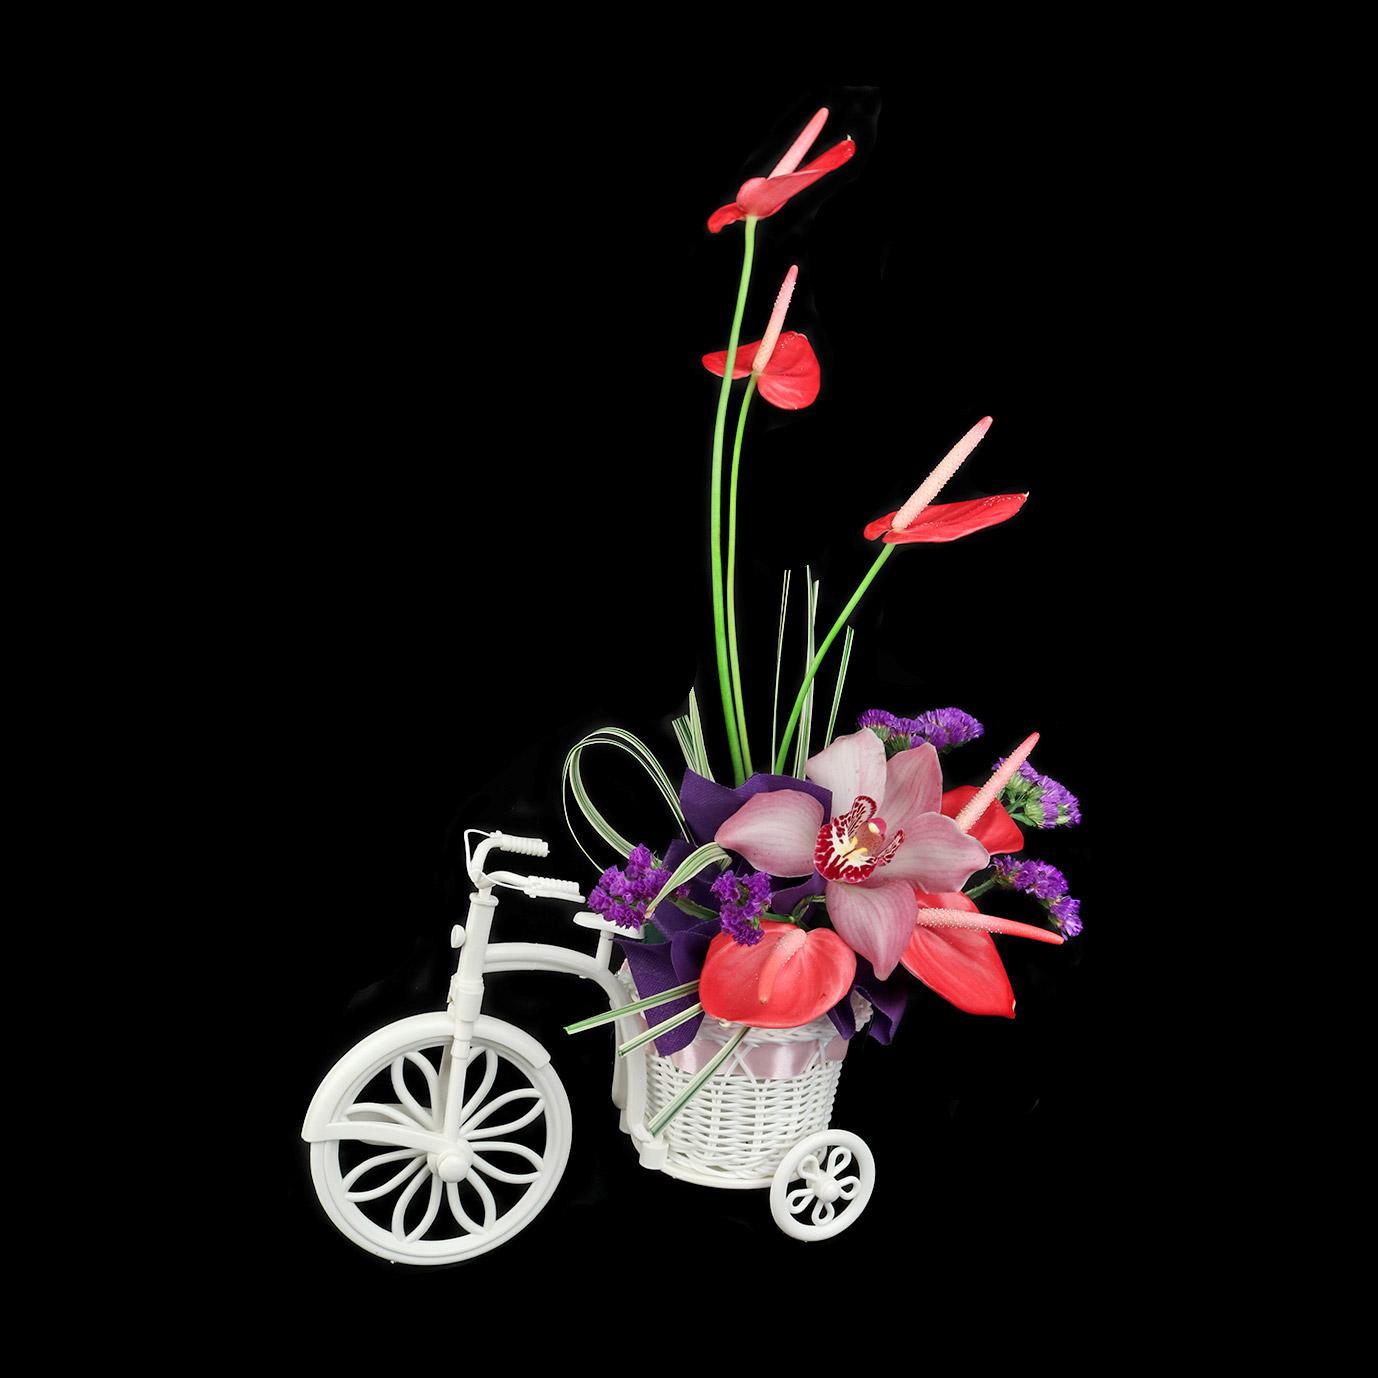 Bfa 3715 Bomflor Floristerias Quito Arreglos Florales Y Flores A Domicilio